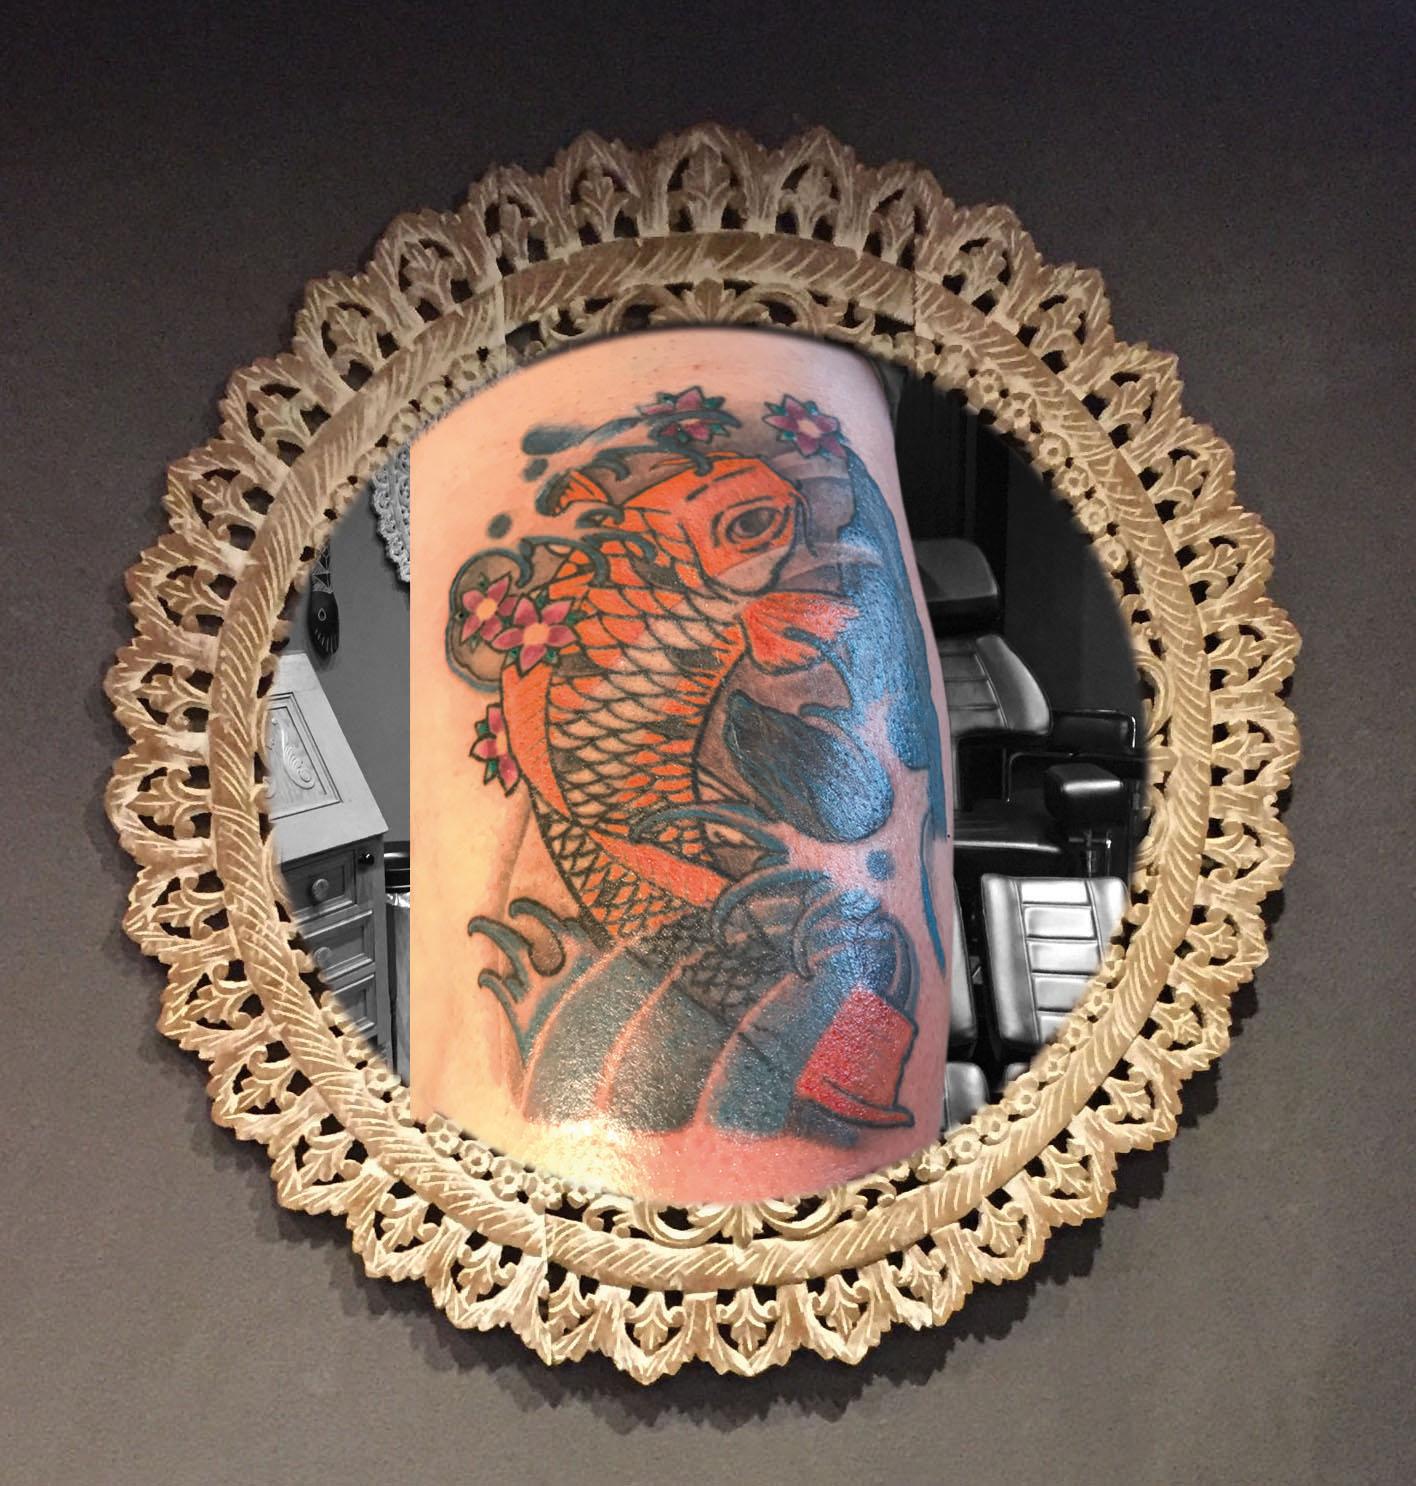 Karper tatoeage inkleuren